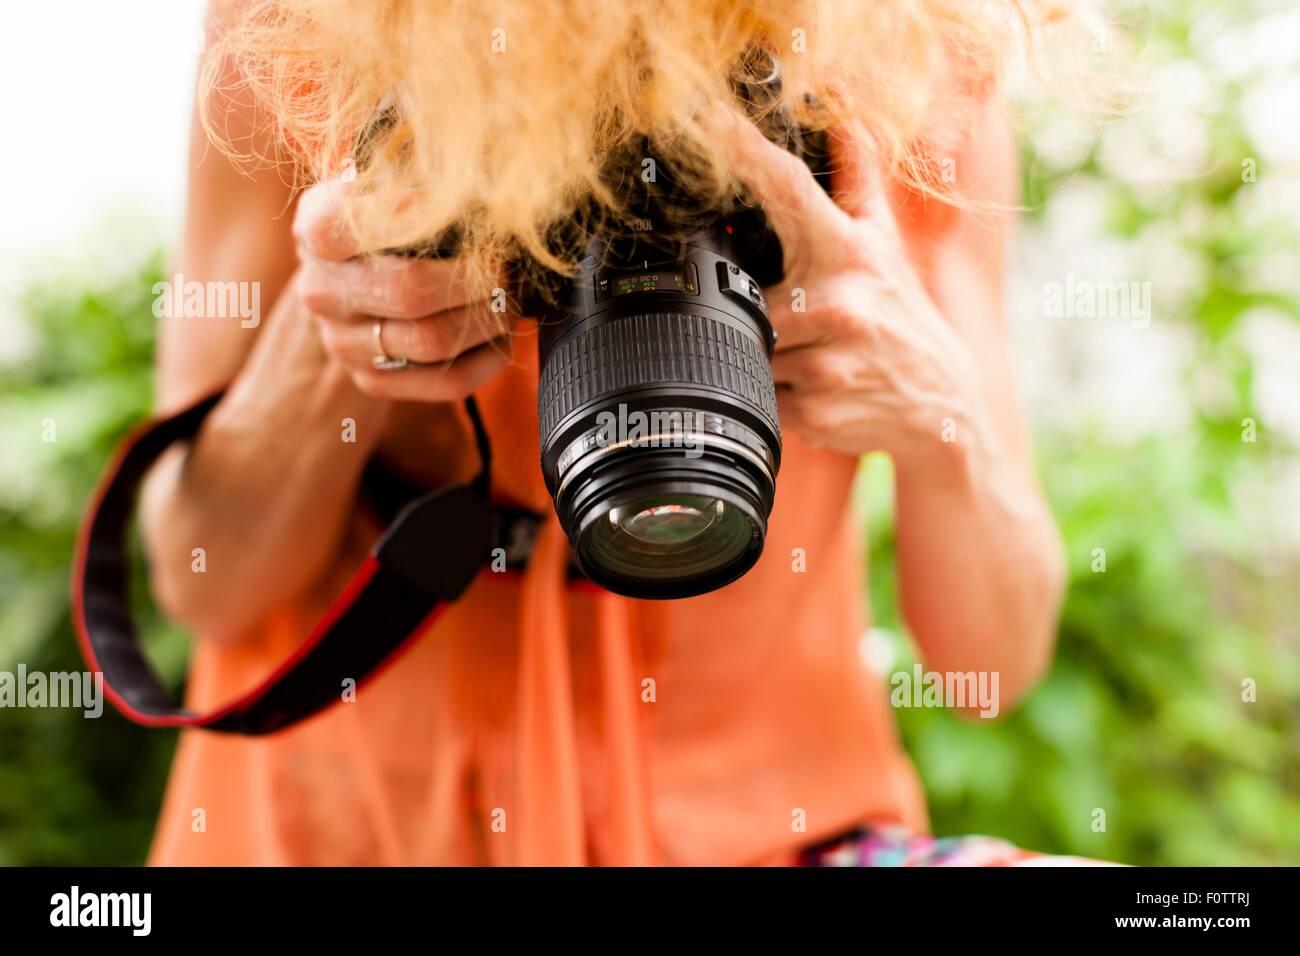 Ritagliato colpo di donna con capelli rossi a fotografare verso il basso con la reflex digitale Immagini Stock